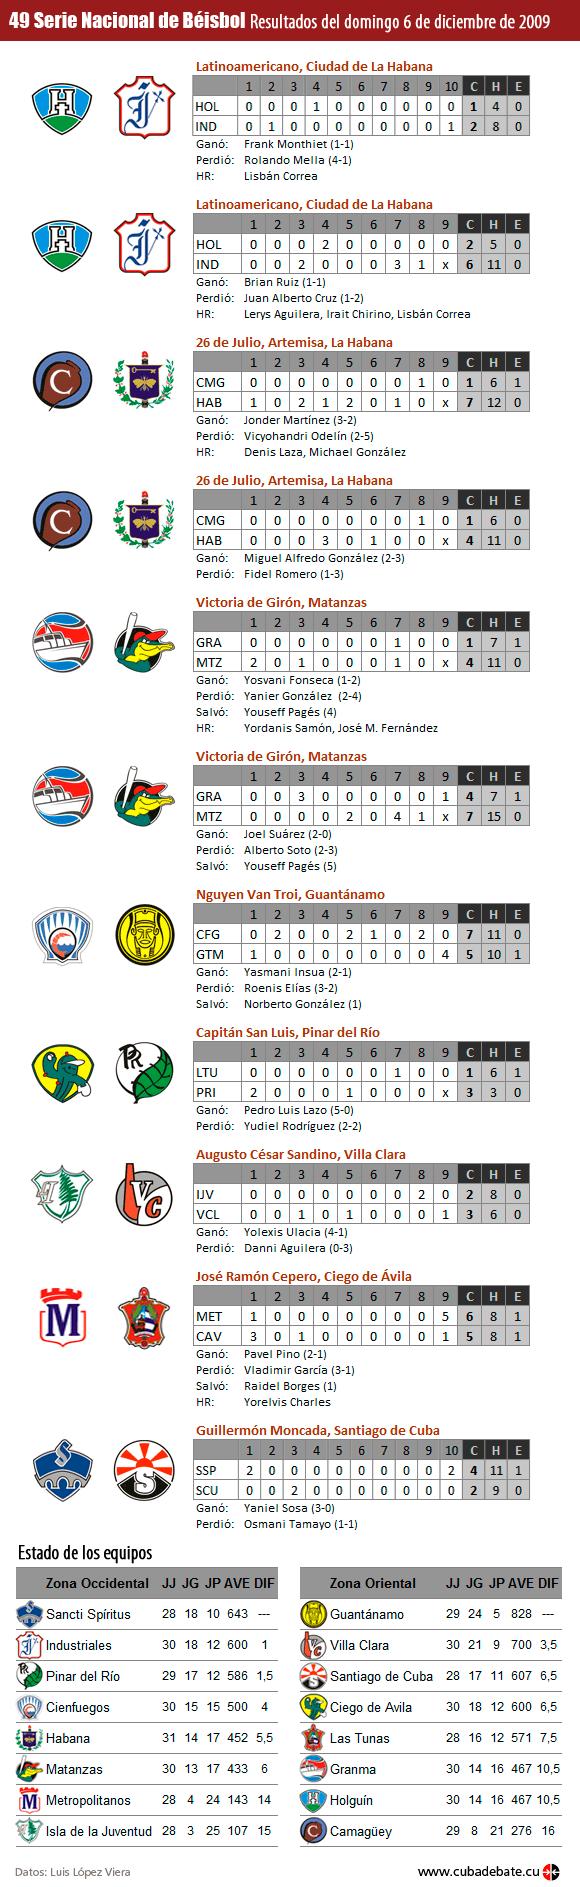 Resultados del 6 de diciembre de 2009, Serie Nacional de Béisbol, Cuba